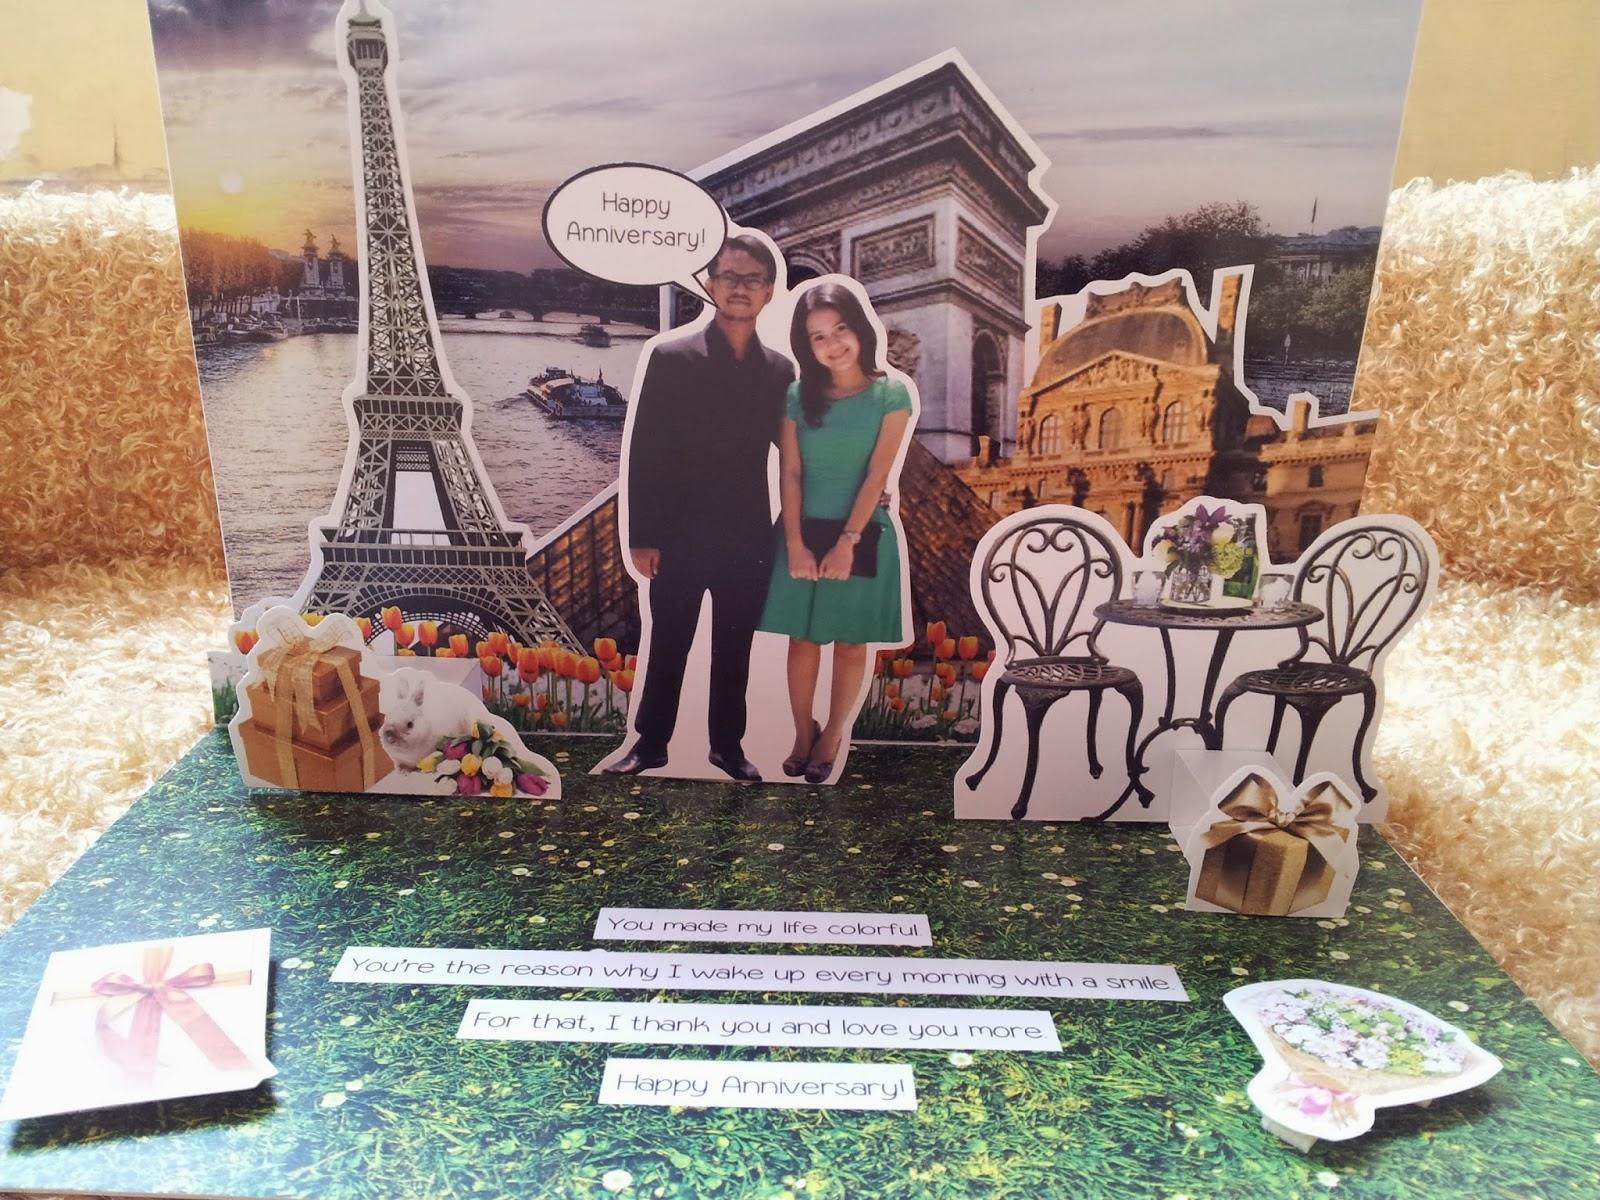 Ide kado anniversary unik untuk pasangan be upnormal !